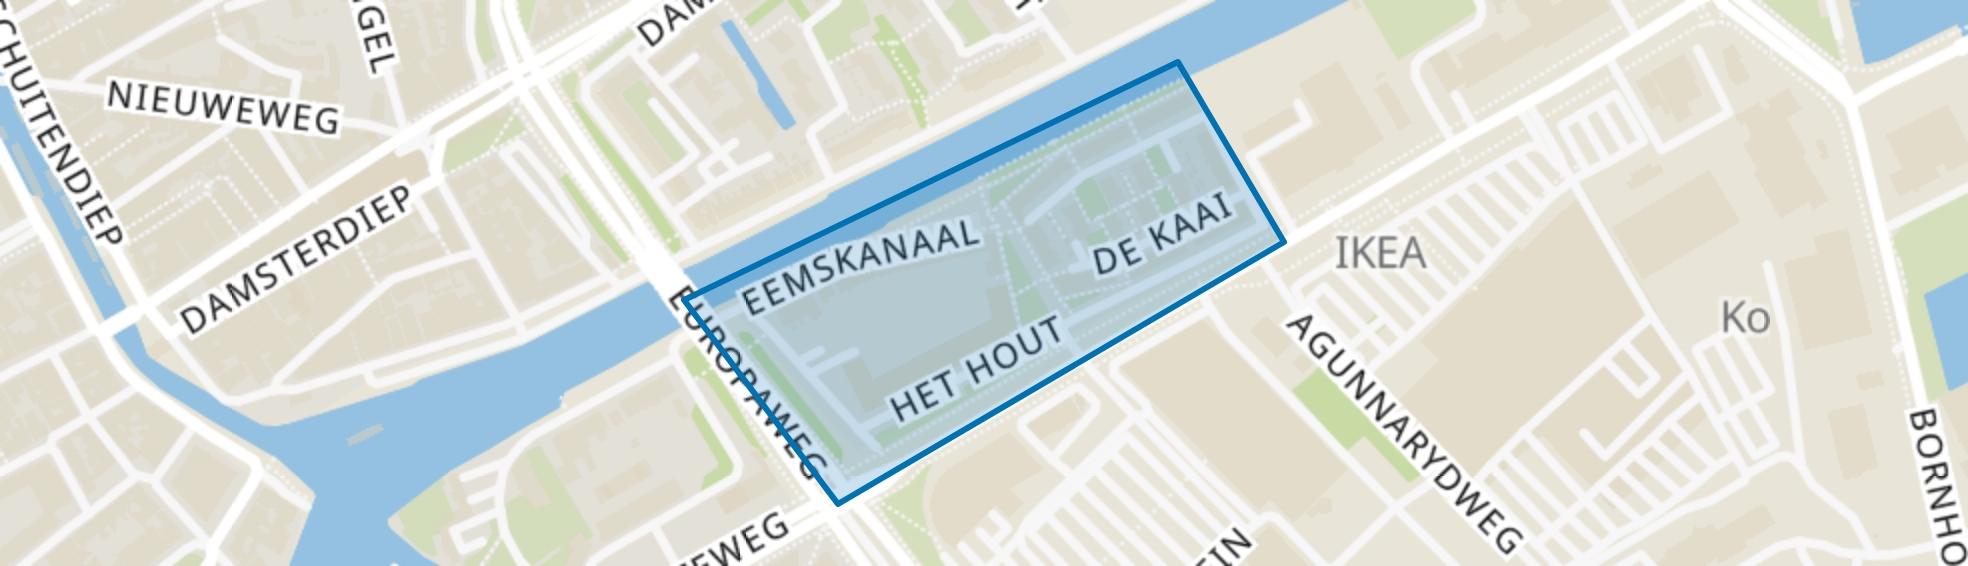 Kop van Oost, Groningen map